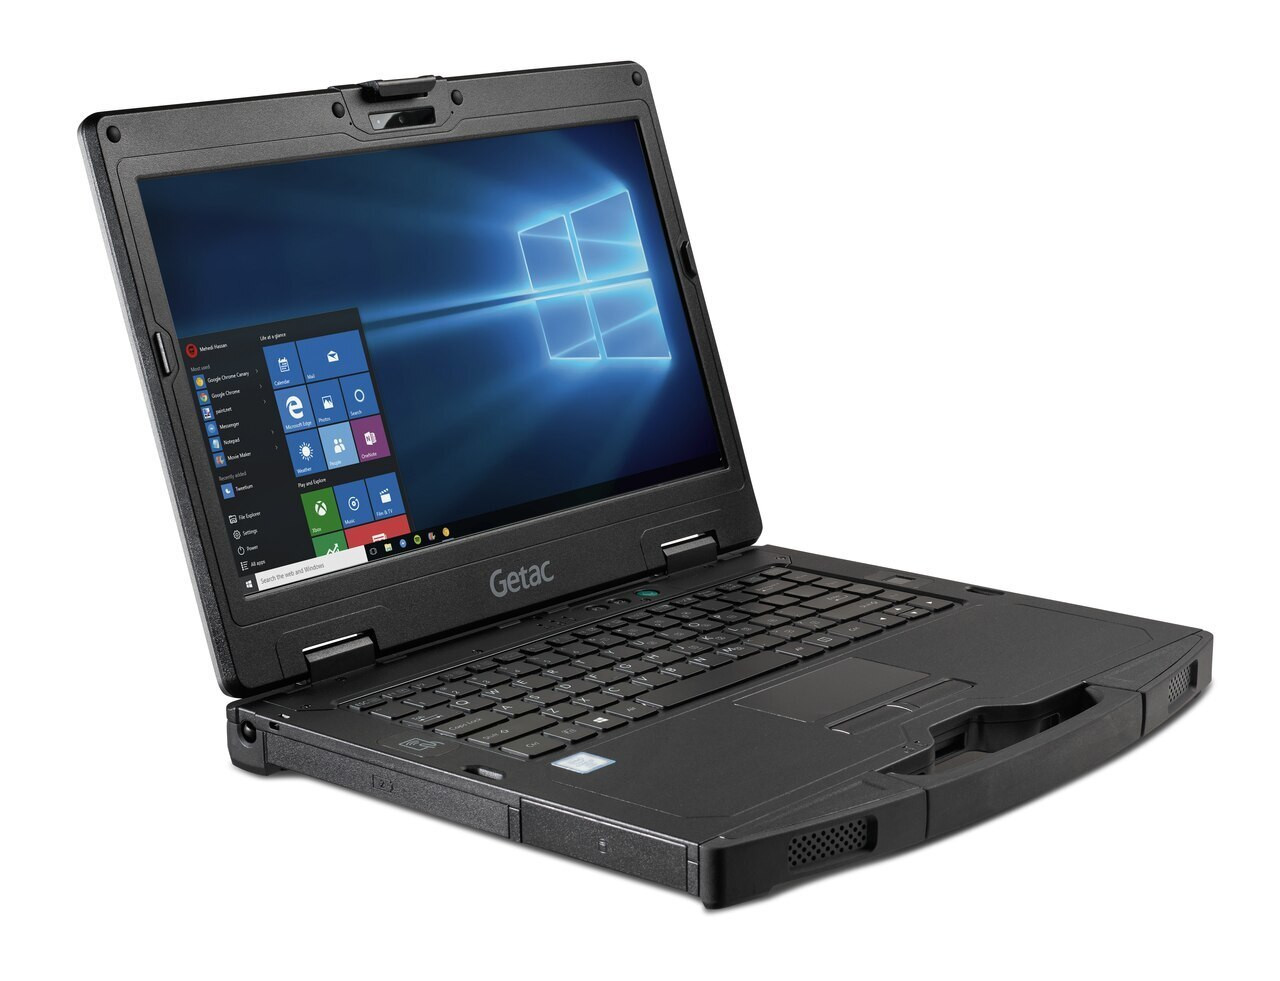 """Getac S410 G2 Basic,Intel Core i5-8250U Processor 1.6GHz, 14"""",Microsoft Windows 10 Pro x64 with 8GB RAM,256GB SSD,STD LCD,US KBD+US Power cord,Membrane KBD,Wifi+BT,SD Card Reader, Low Temp -21°C, TPM 2.0, IP52"""